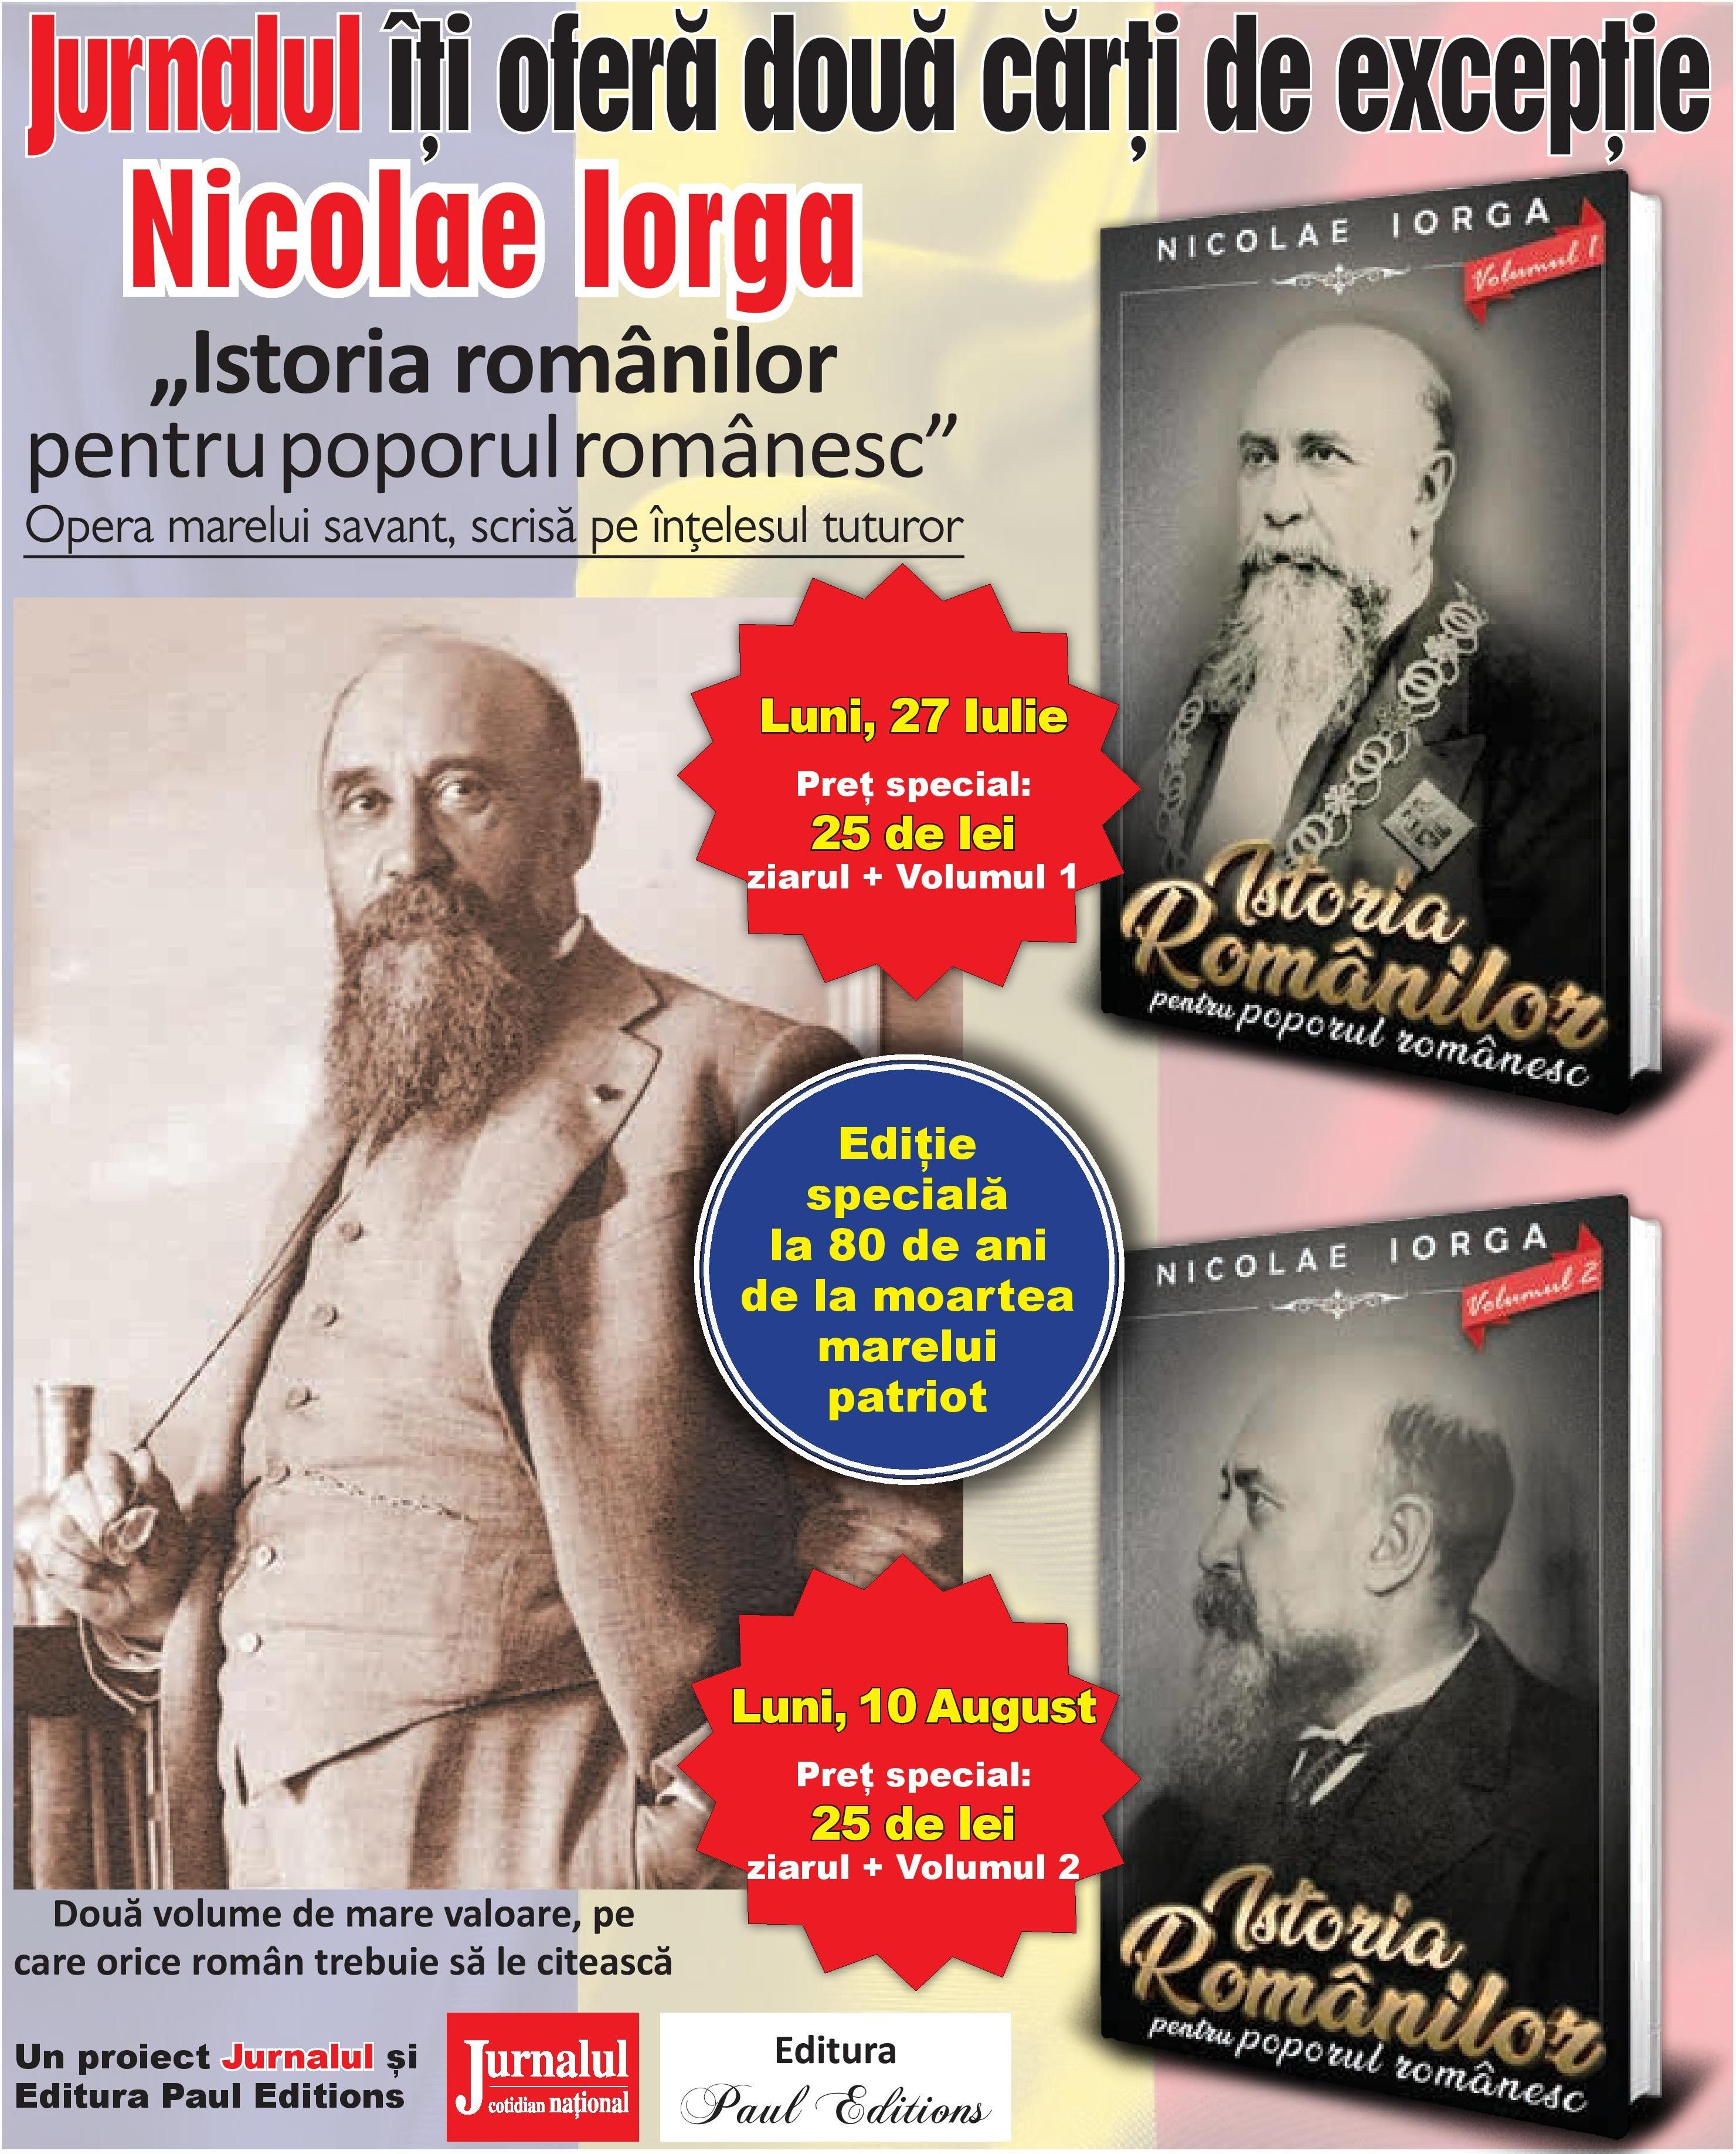 Jurnalul îți oferă o două volume de mare valoare, pe care orice român trebuie să le citească: Istoria românilor pentru poporul românesc, de Nicolae Iorga